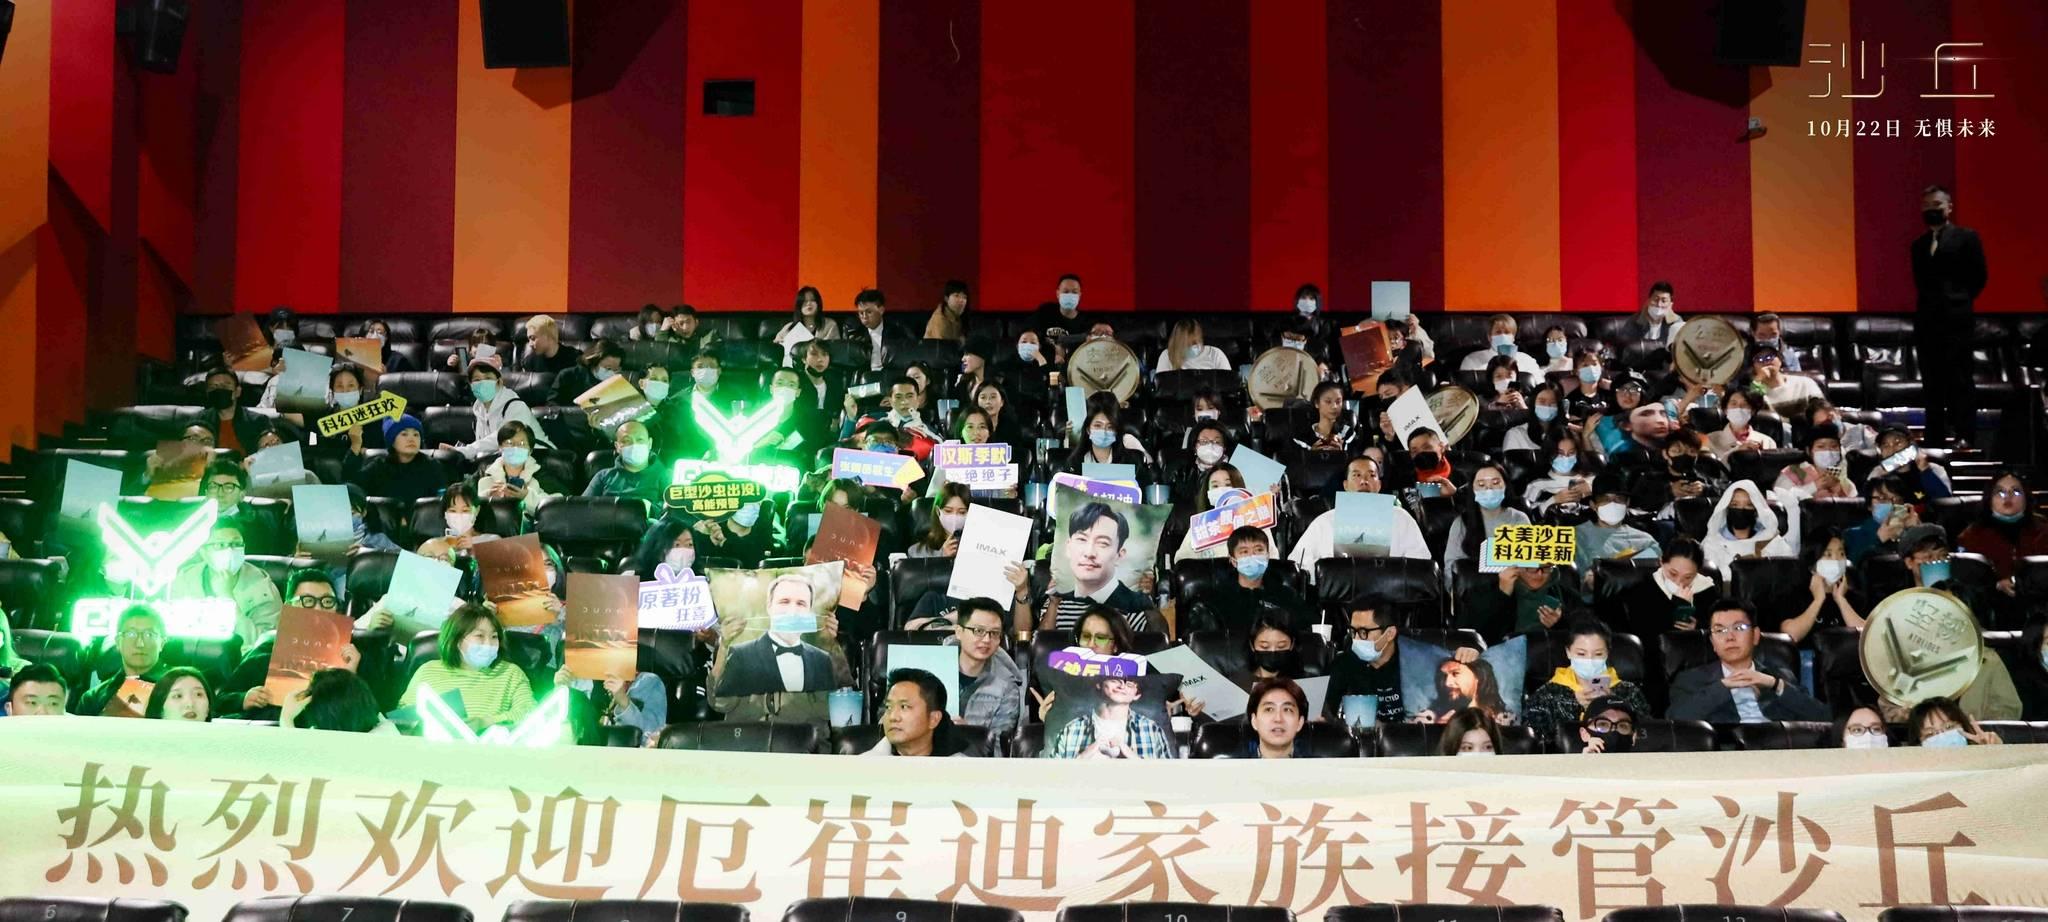 """《沙丘》曝""""传奇将至""""预告 10月22日开启震撼大银幕体验"""